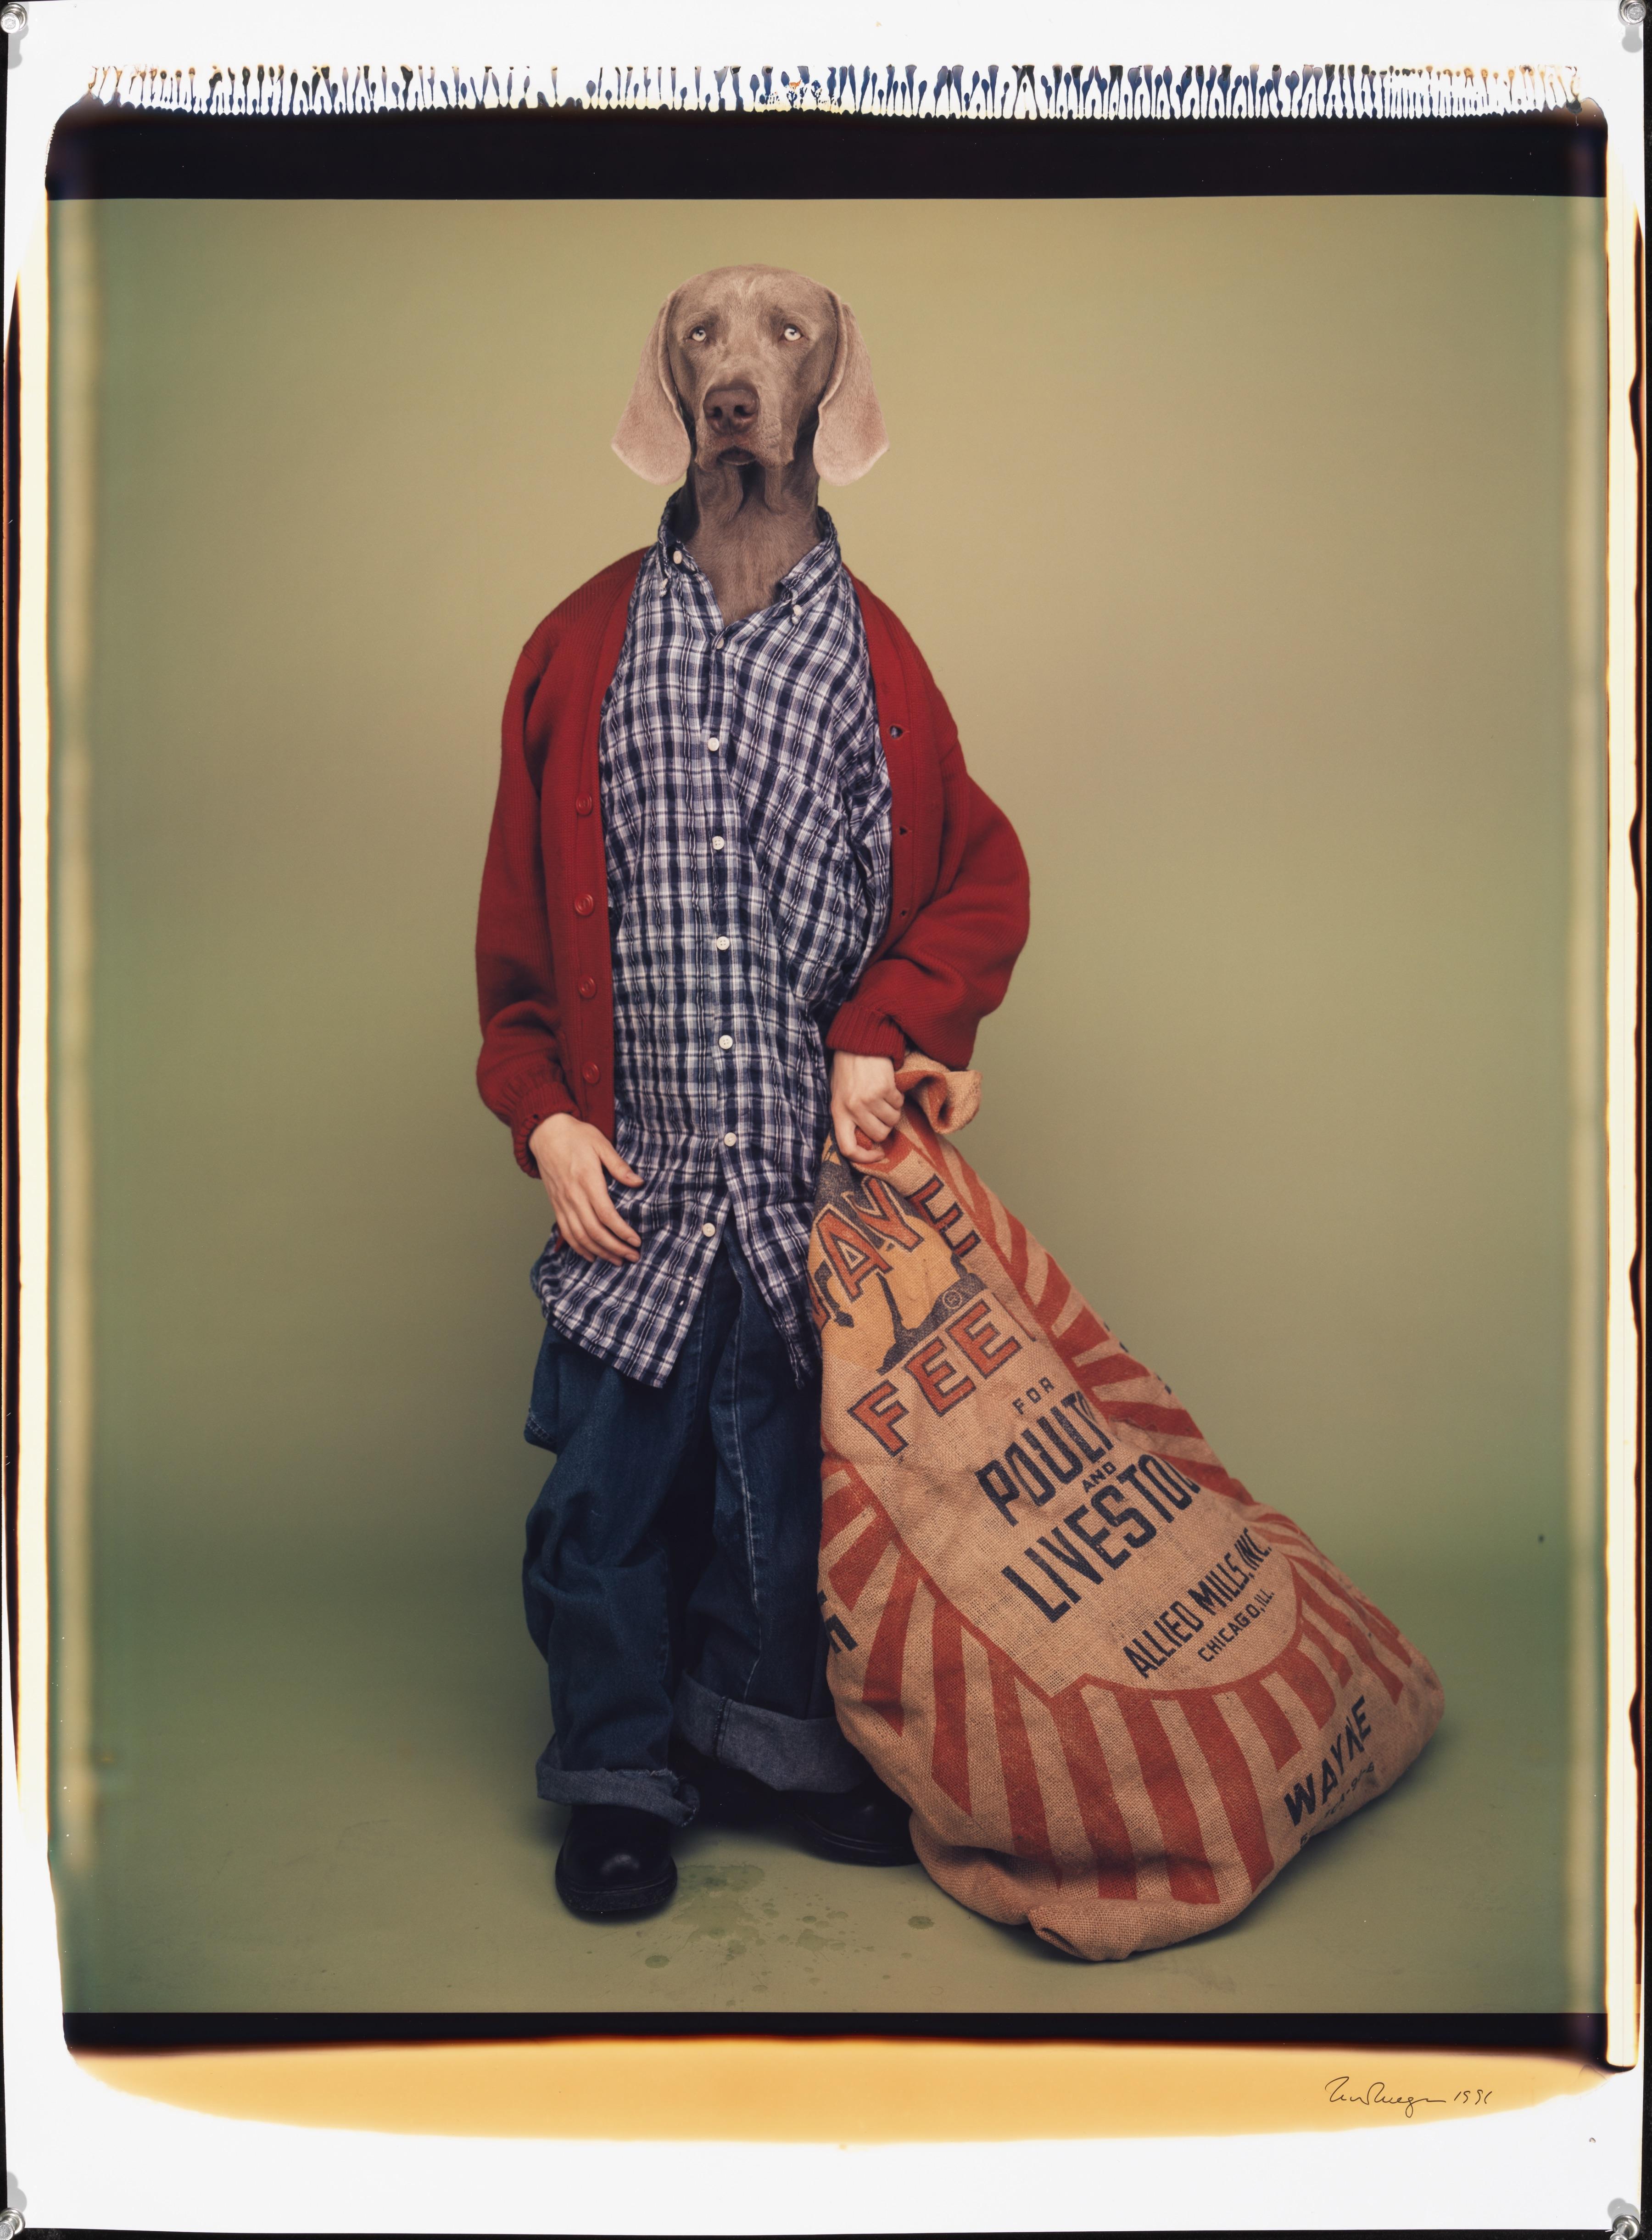 Kwispelen bij de tentoonstelling van William Wegman in Haags Fotomuseum